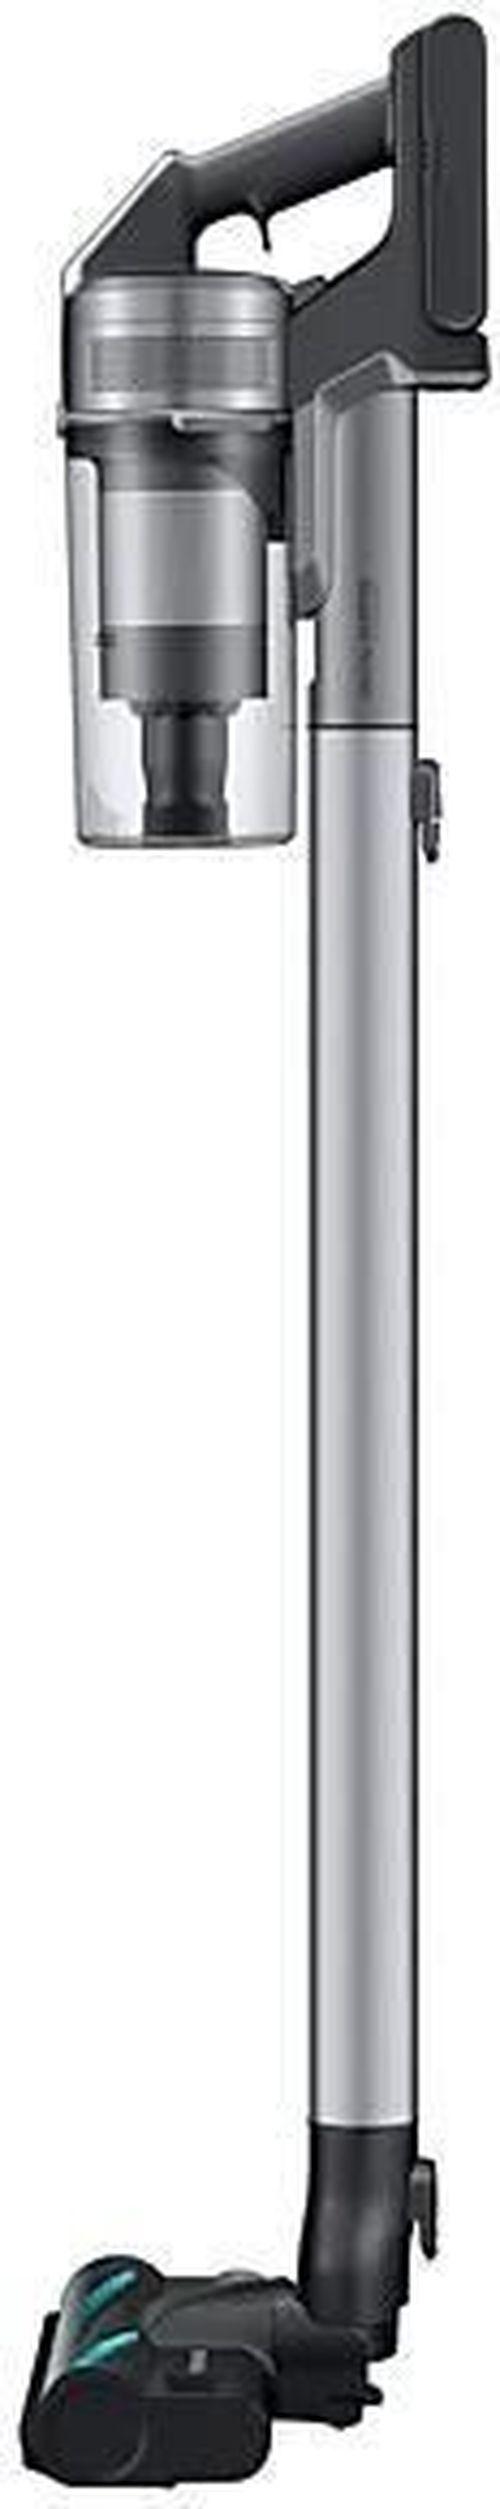 купить Пылесос беспроводной Samsung VS20T7536T5/EV в Кишинёве